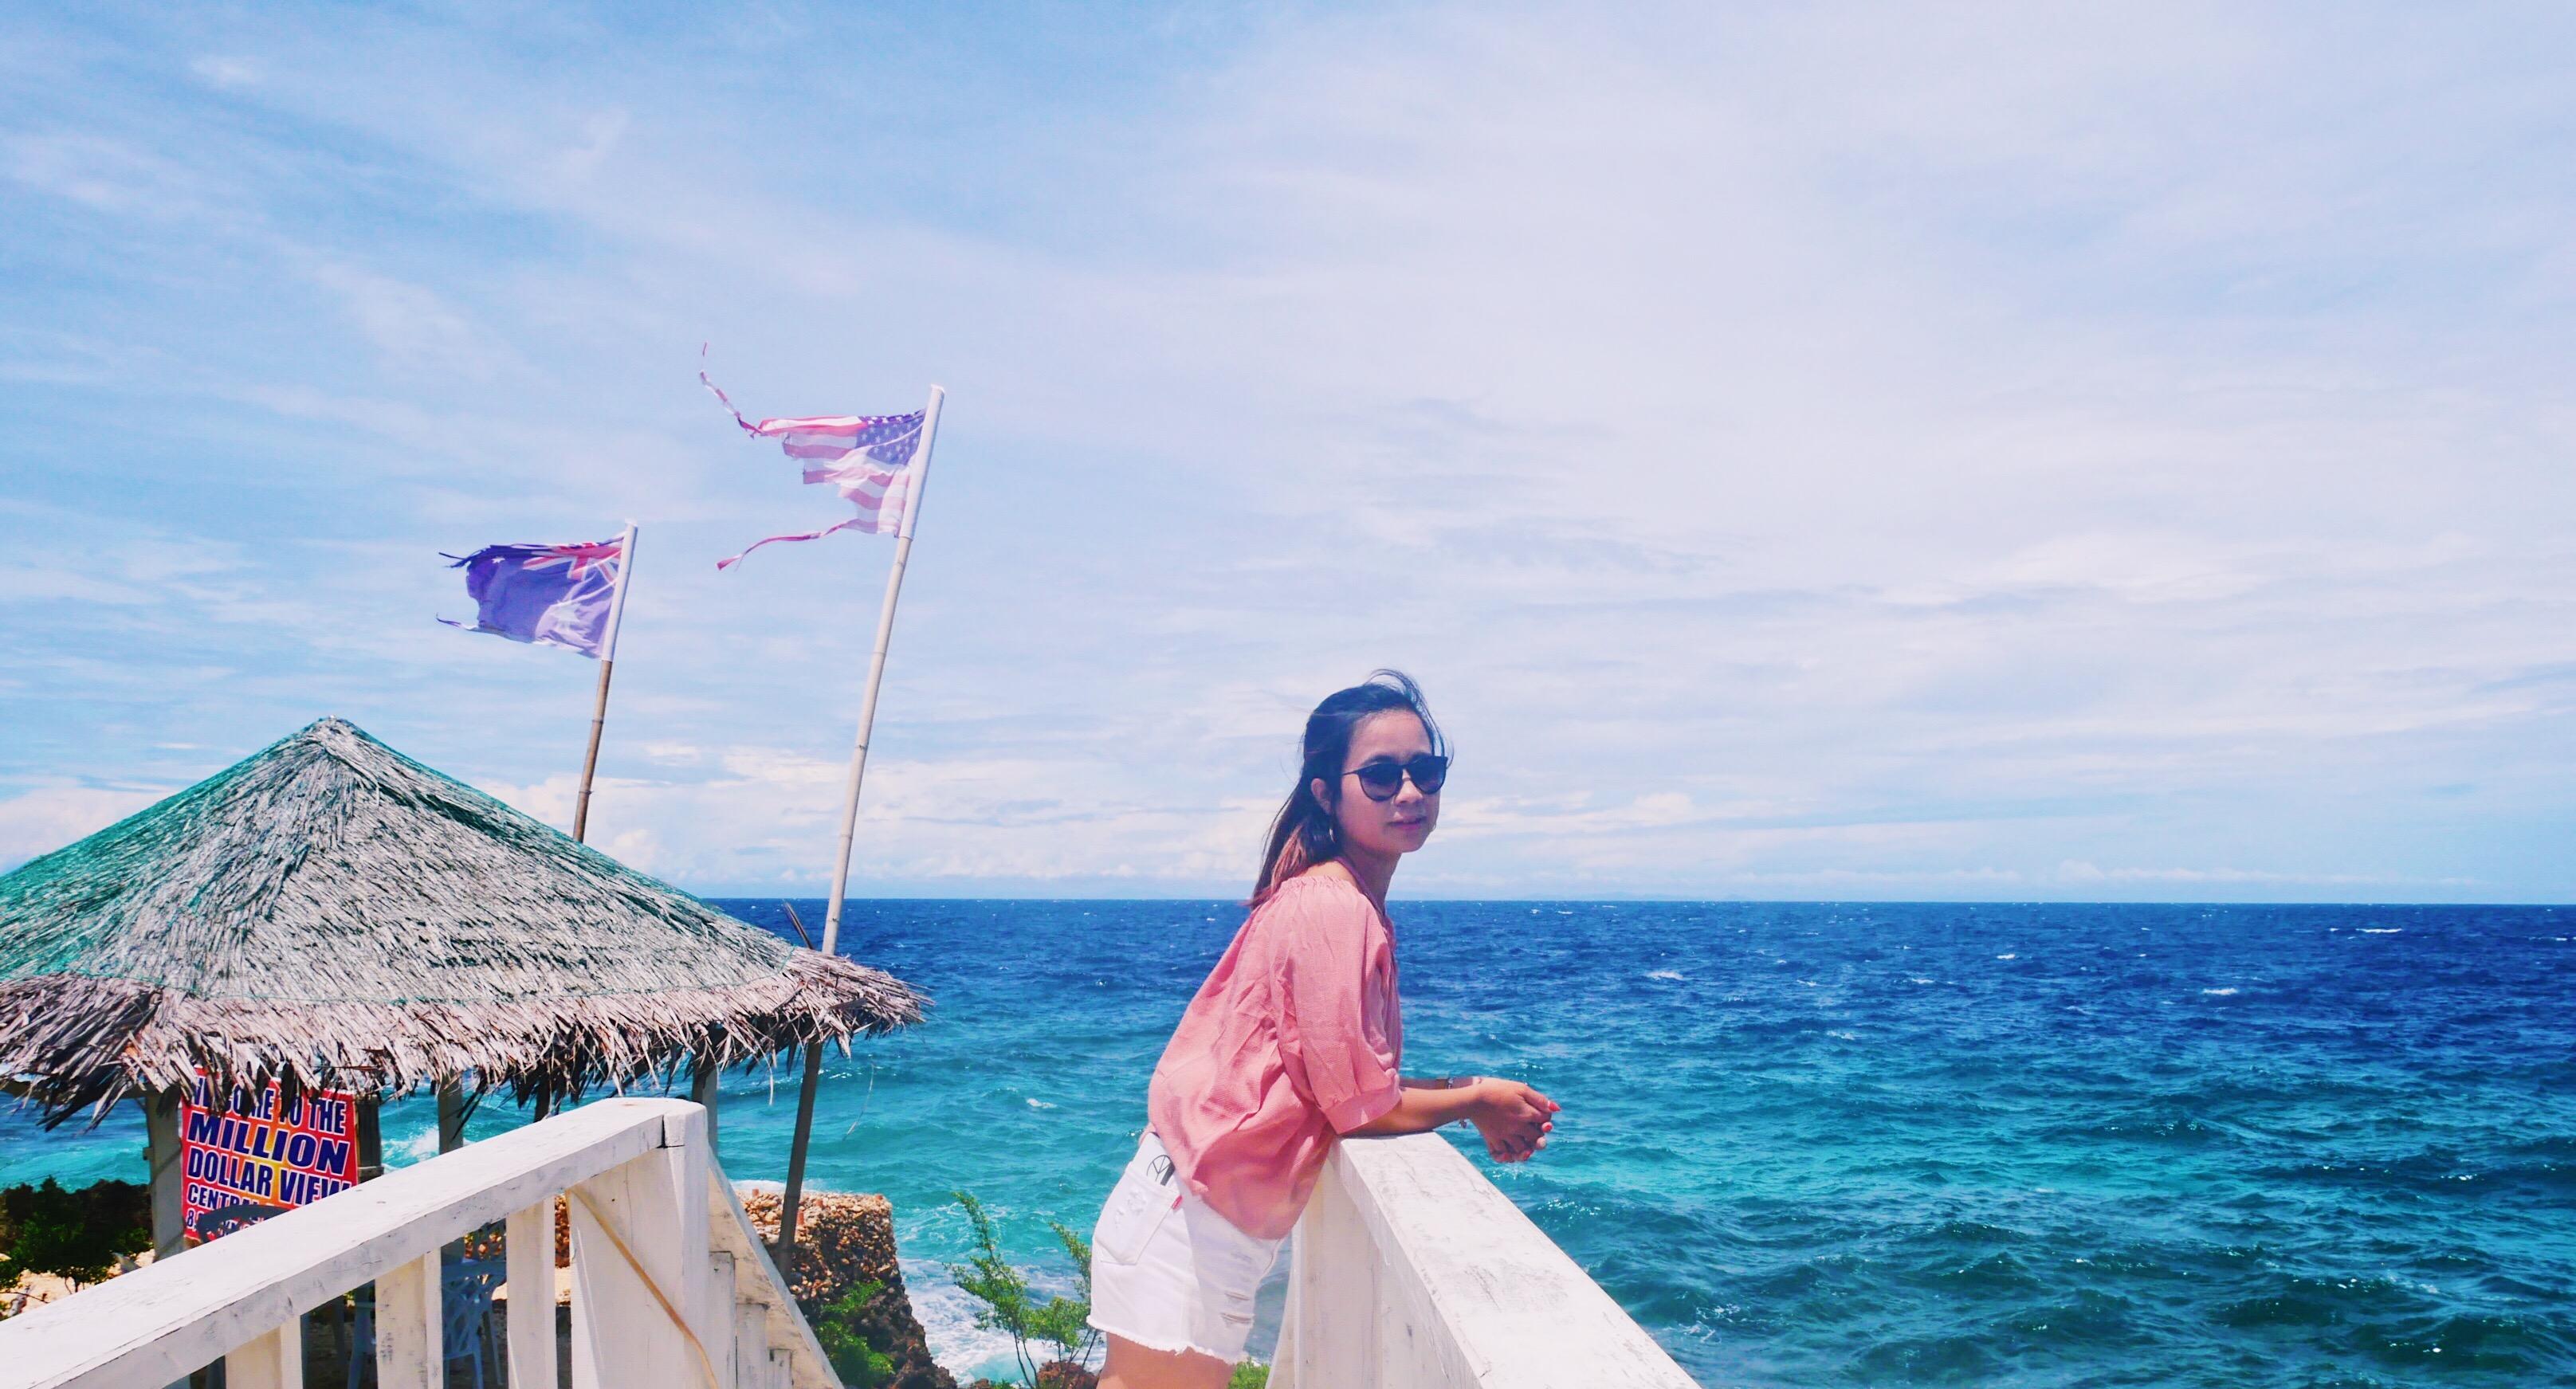 【我是达人】菲律宾旅行I潜入一片蓝色星球